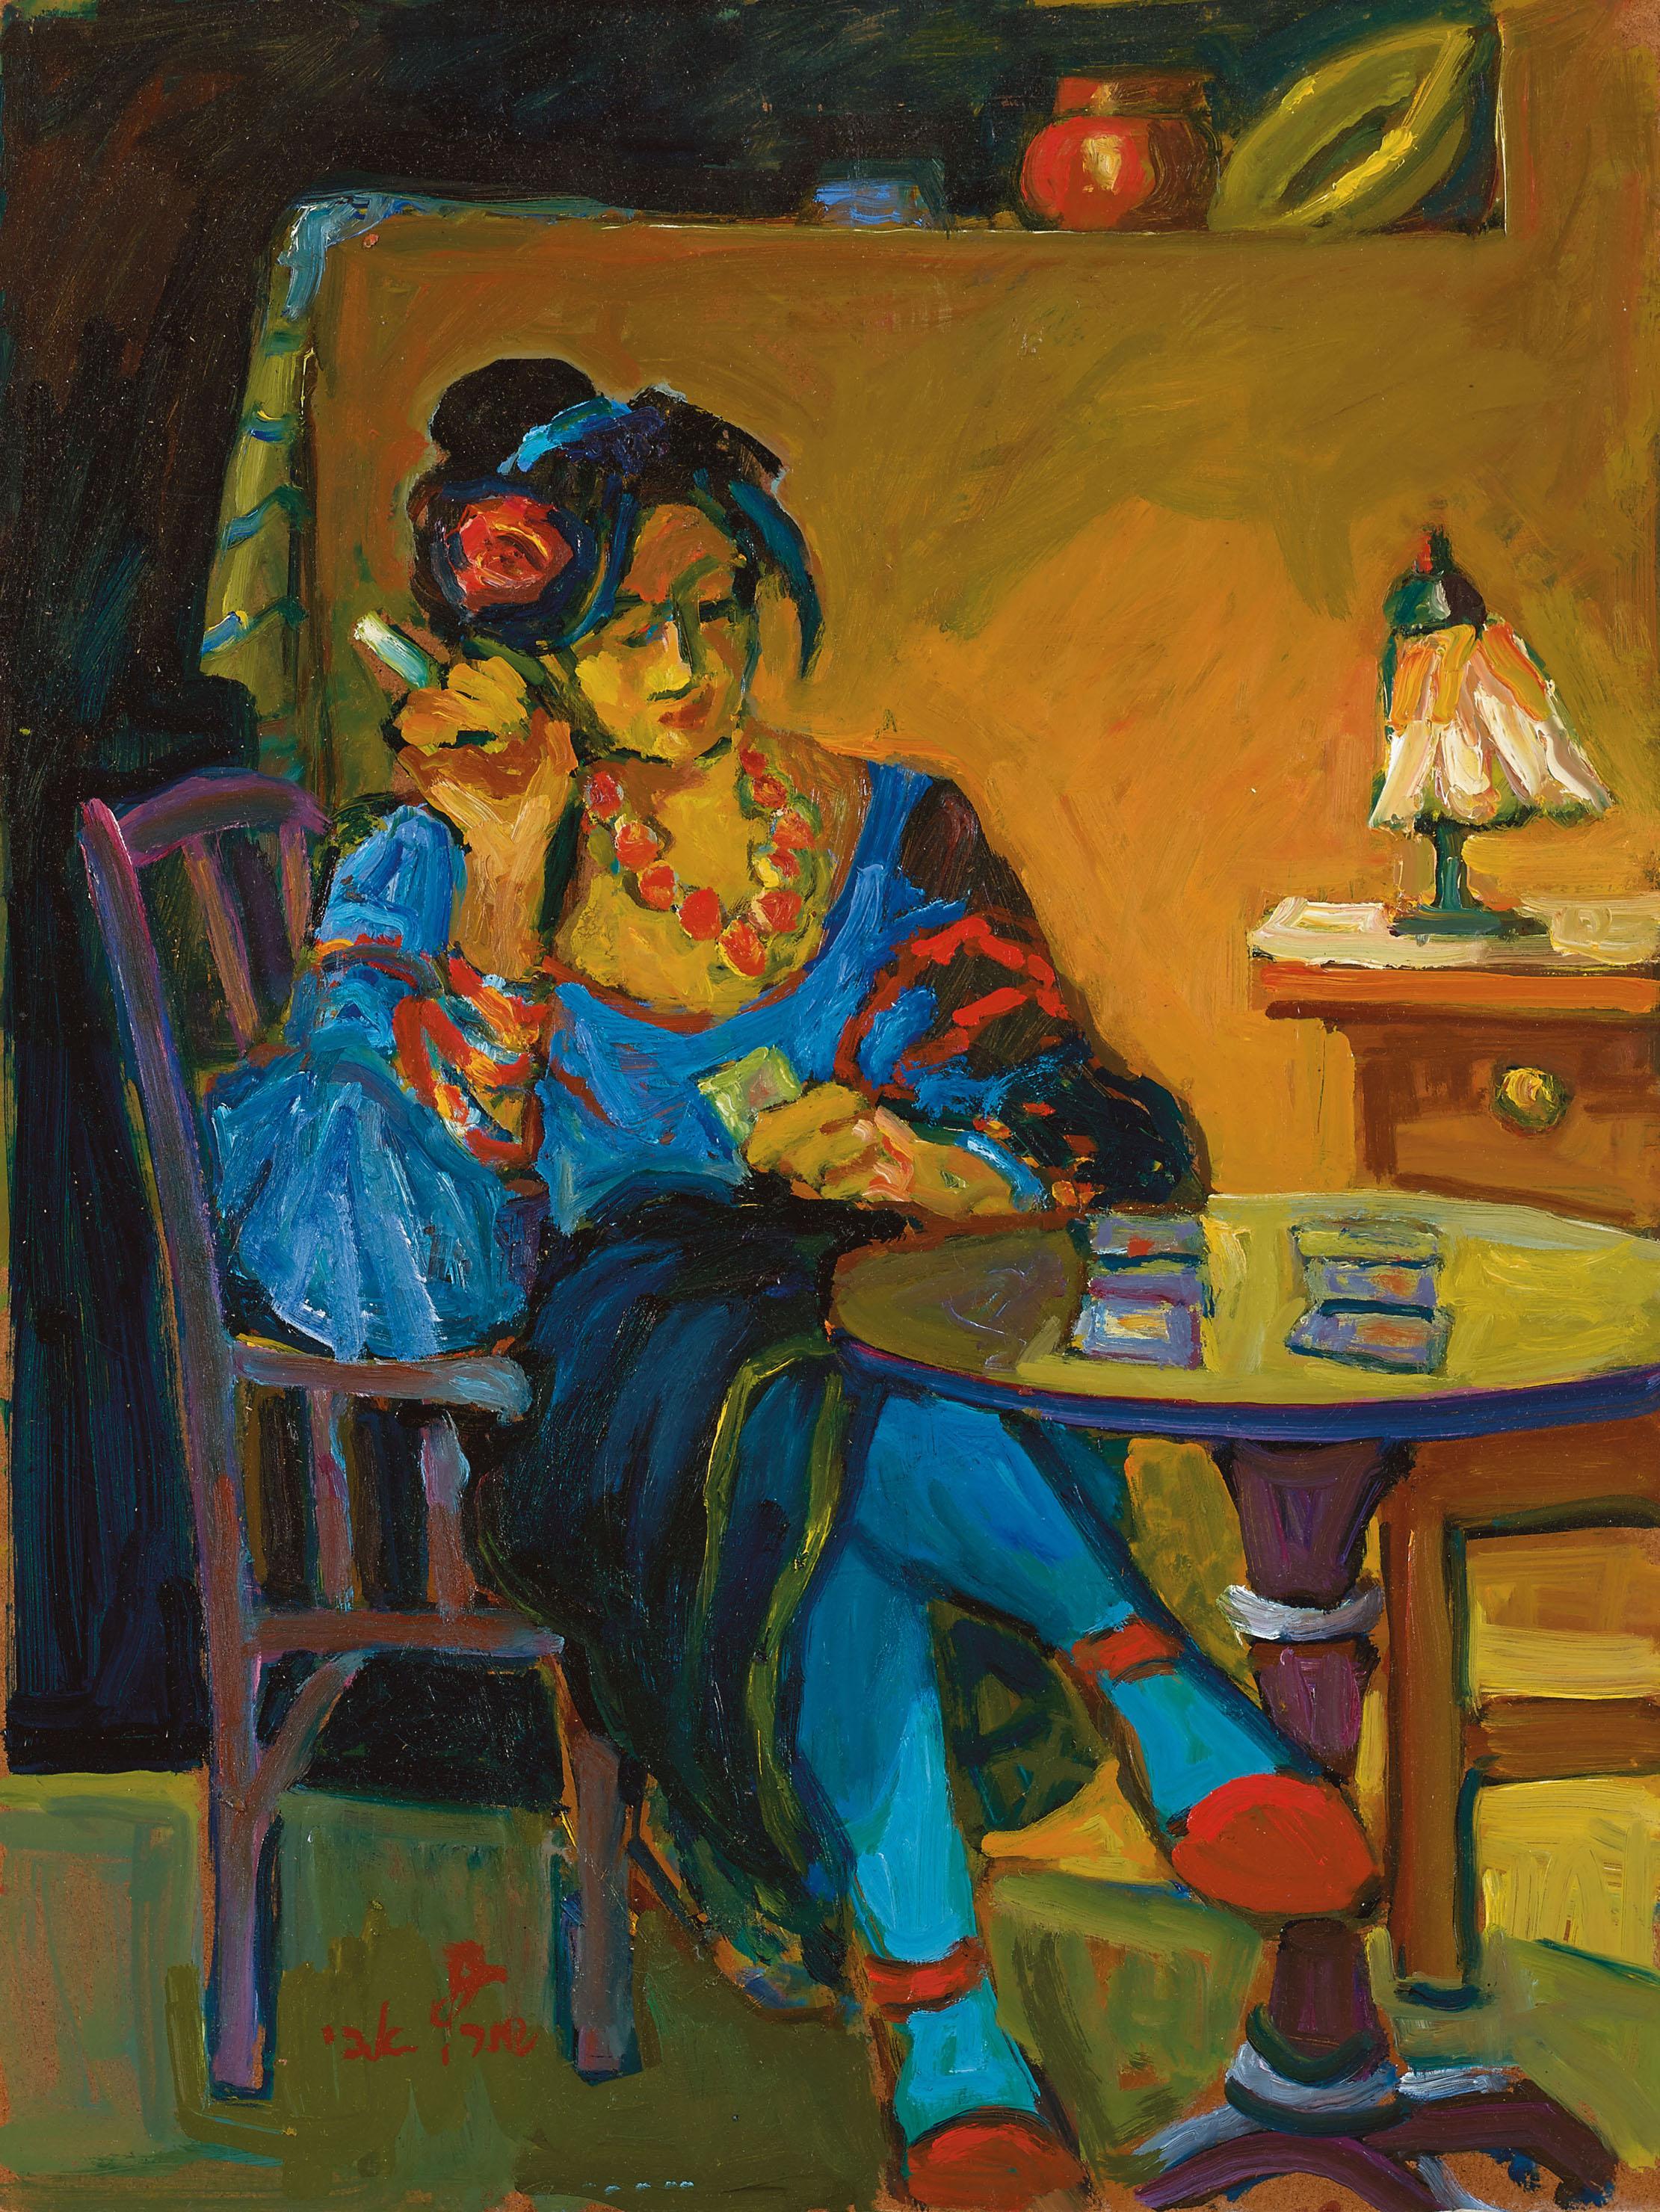 גלריית הציפור הכחולה / אבי שוורץ -אמן ארצישראלי